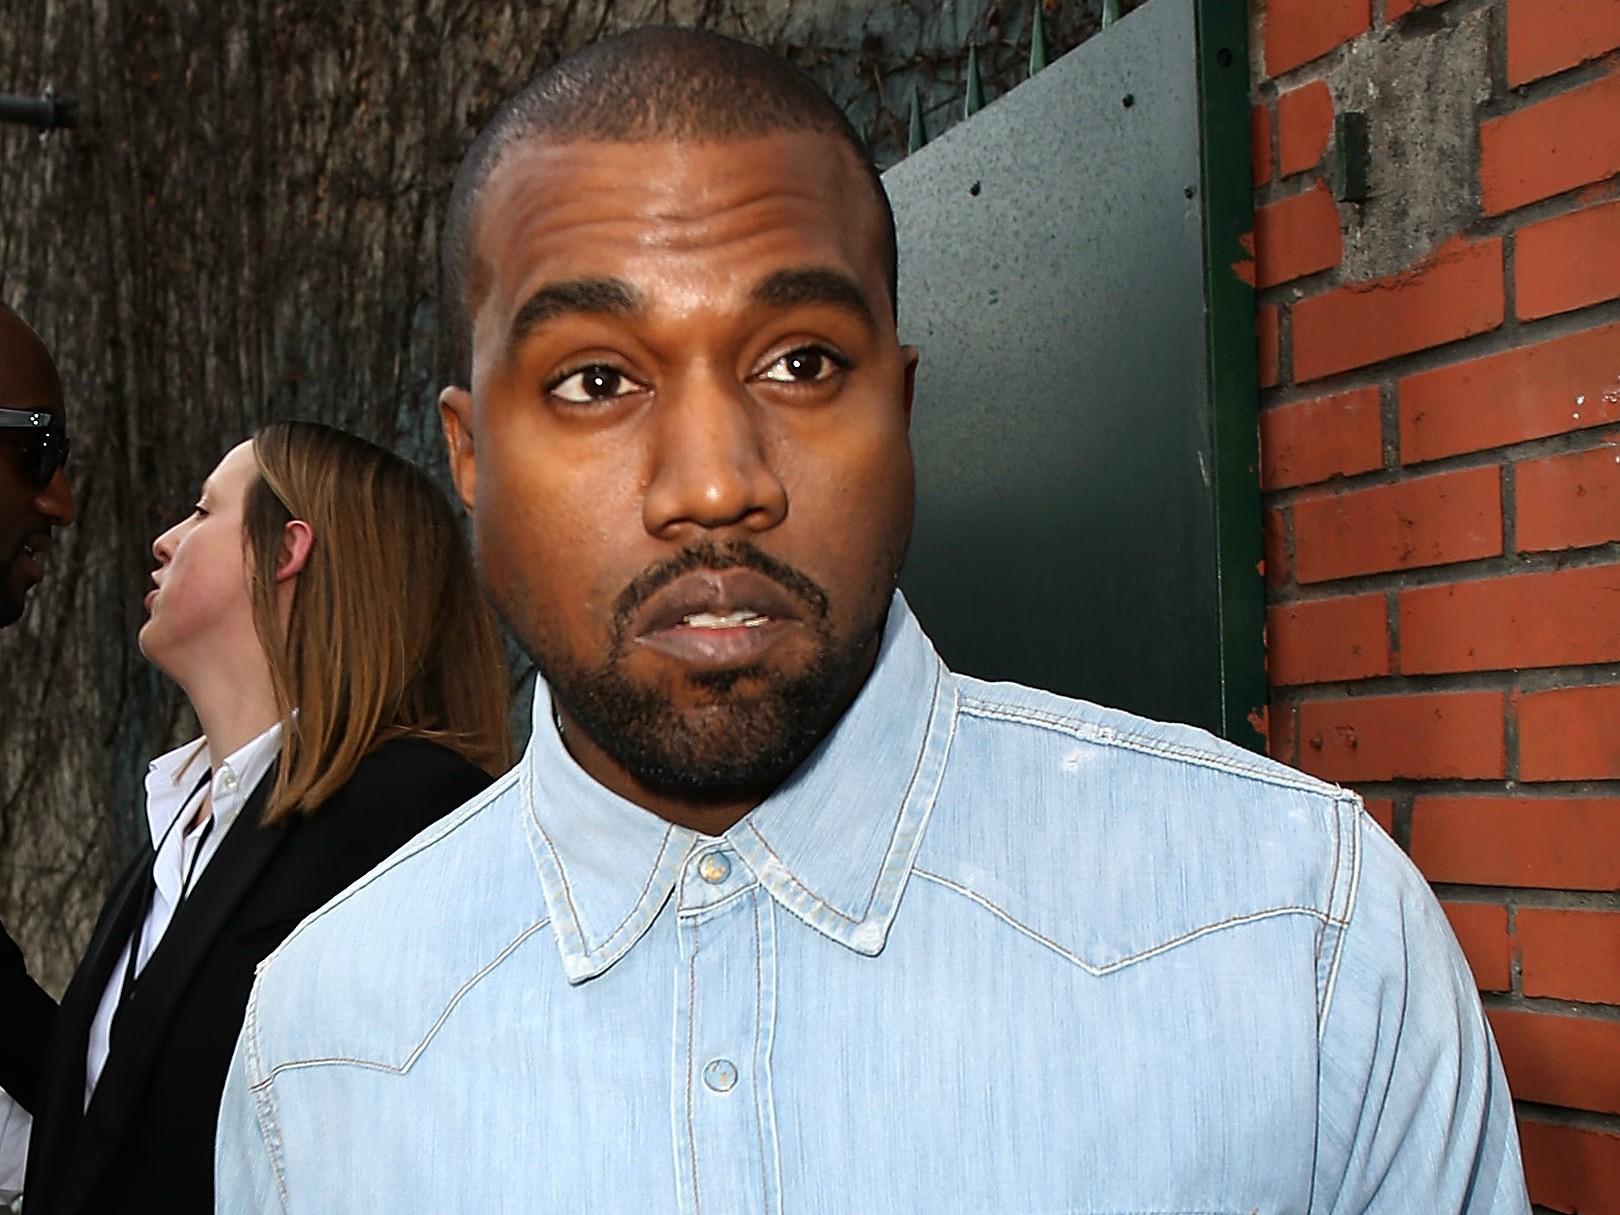 """""""Para mim, eu sou um gênio criativo. Não há outro nome que possa dar a isso. Sei que não se deve dizer isso de si mesmo, e que muitas vezes digo coisas da maneira errada, mas minha intenção é sempre positiva"""" — Kanye West no programa 'Jimmy Kimmel Live' em 2013. (Foto: Getty Images)"""